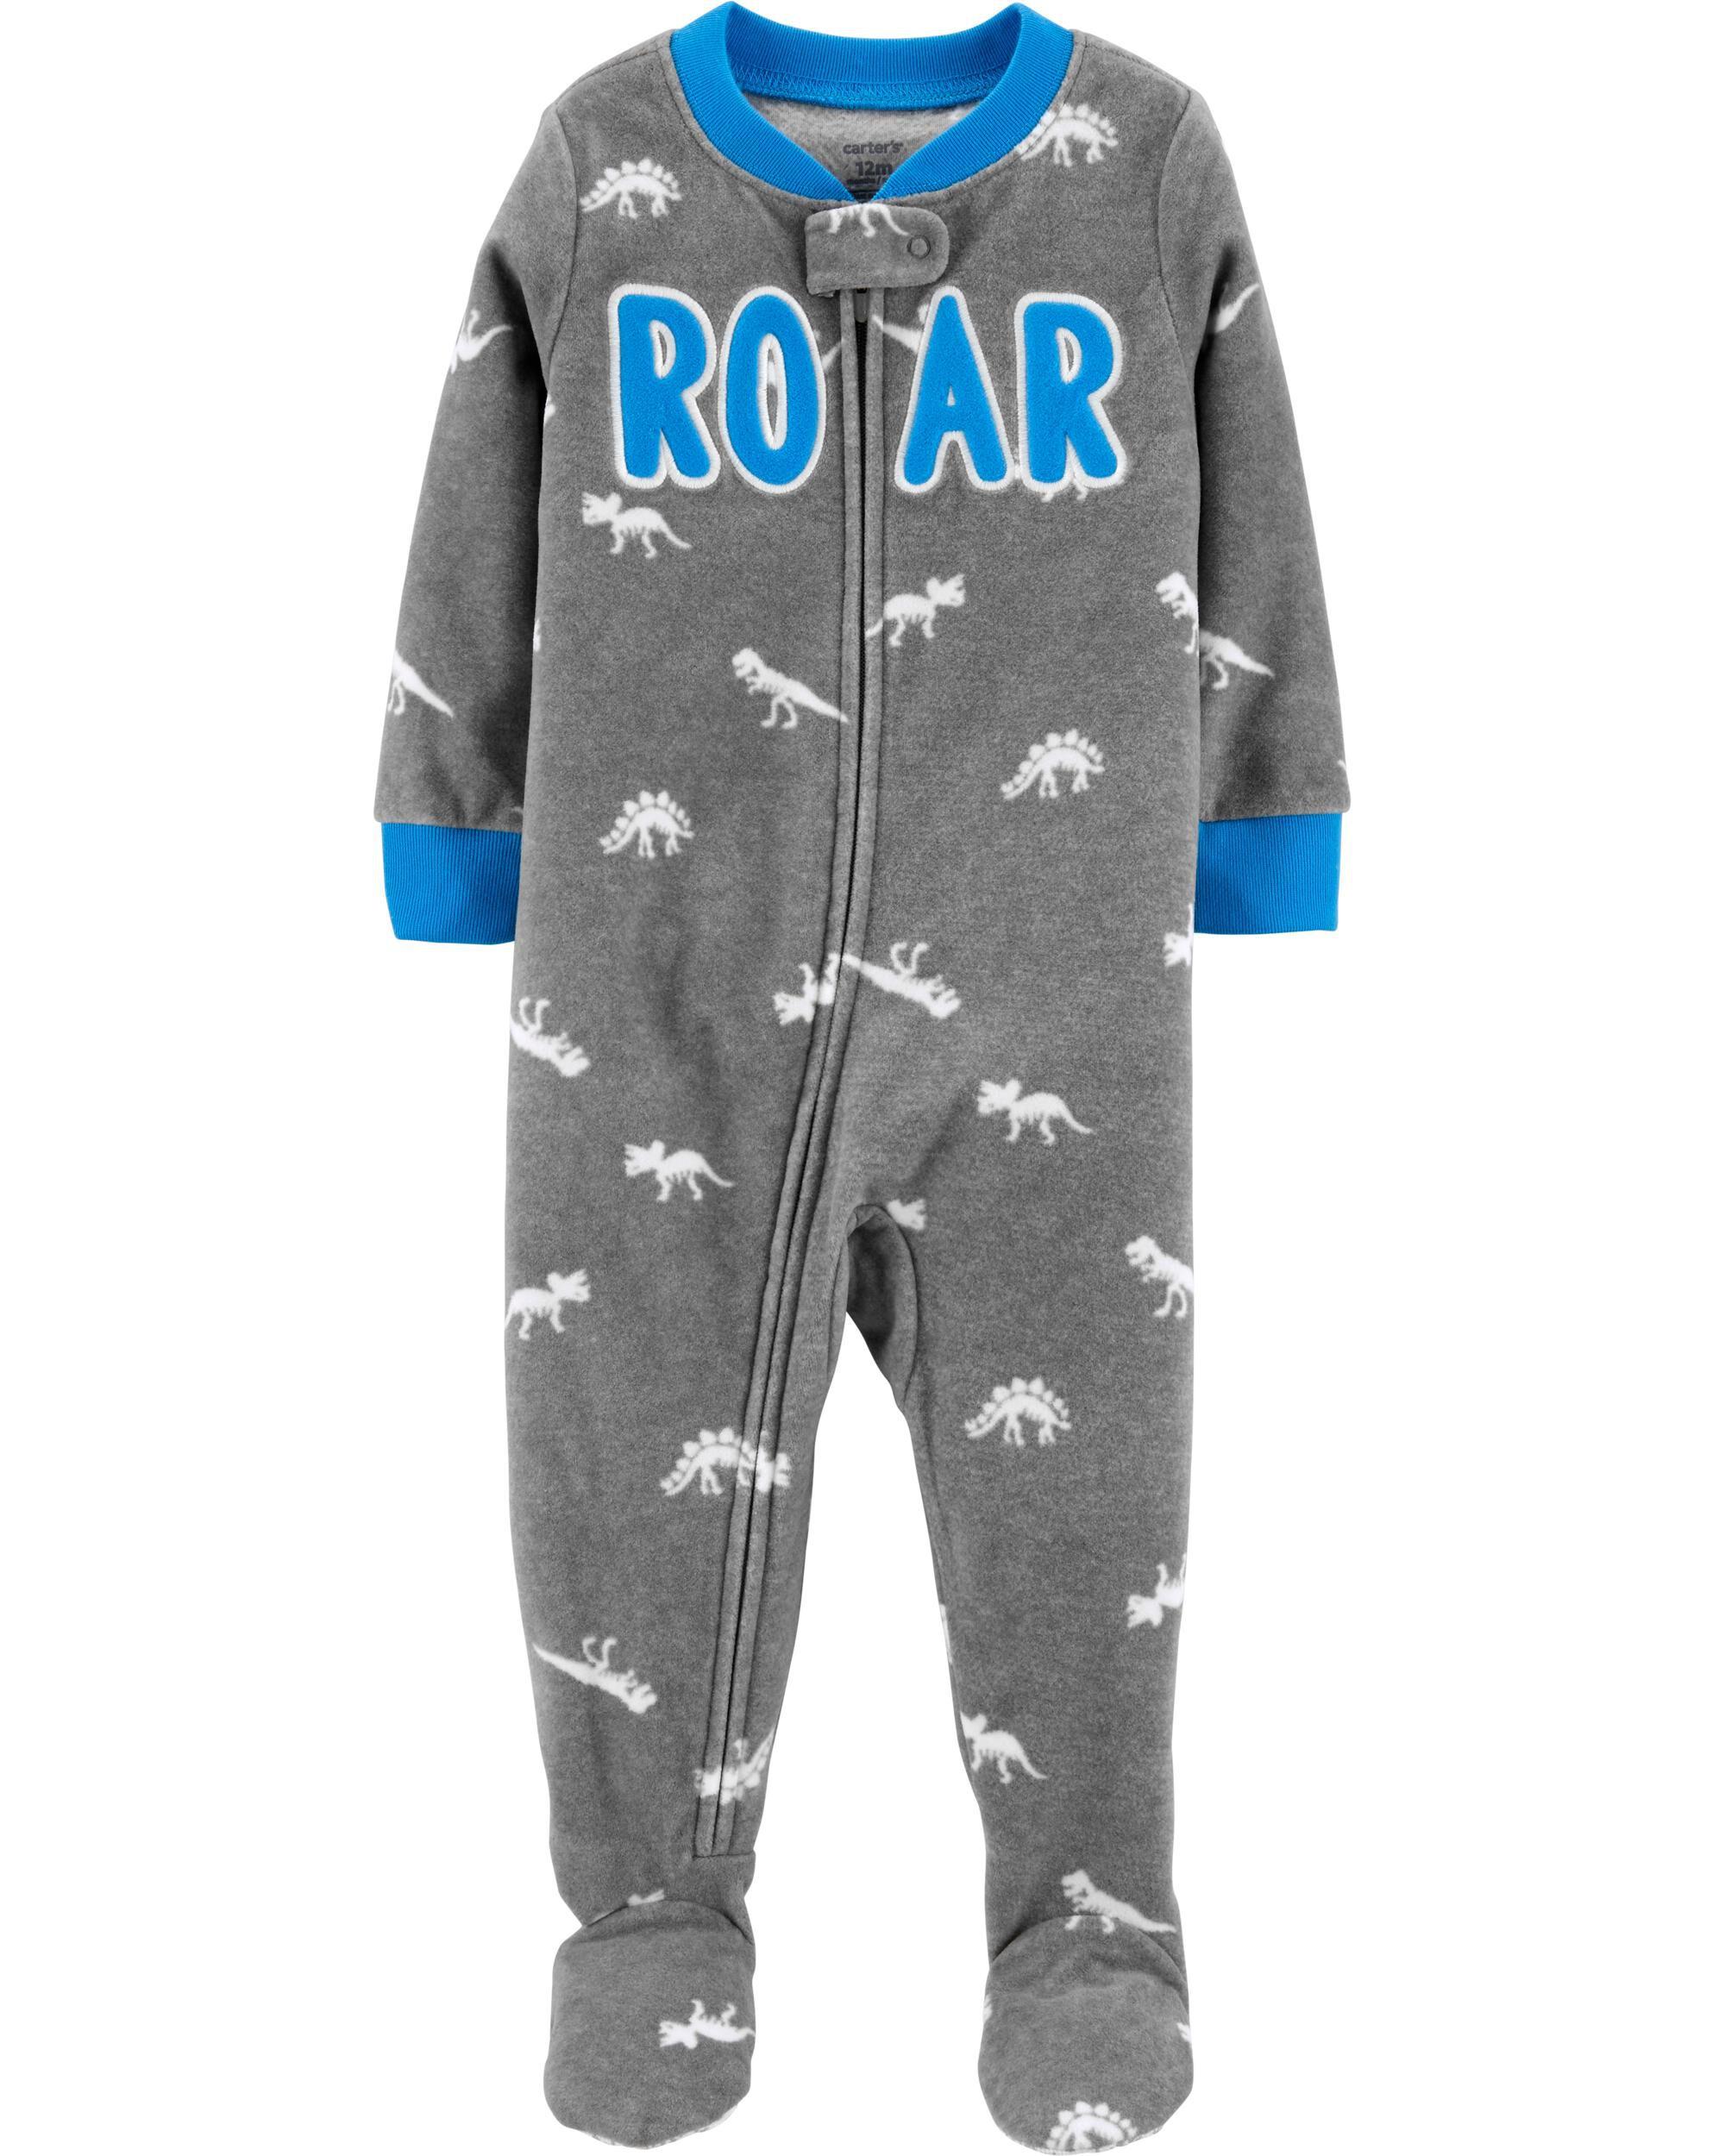 *CLEARANCE* 1-Piece Roar Fleece Footie PJs